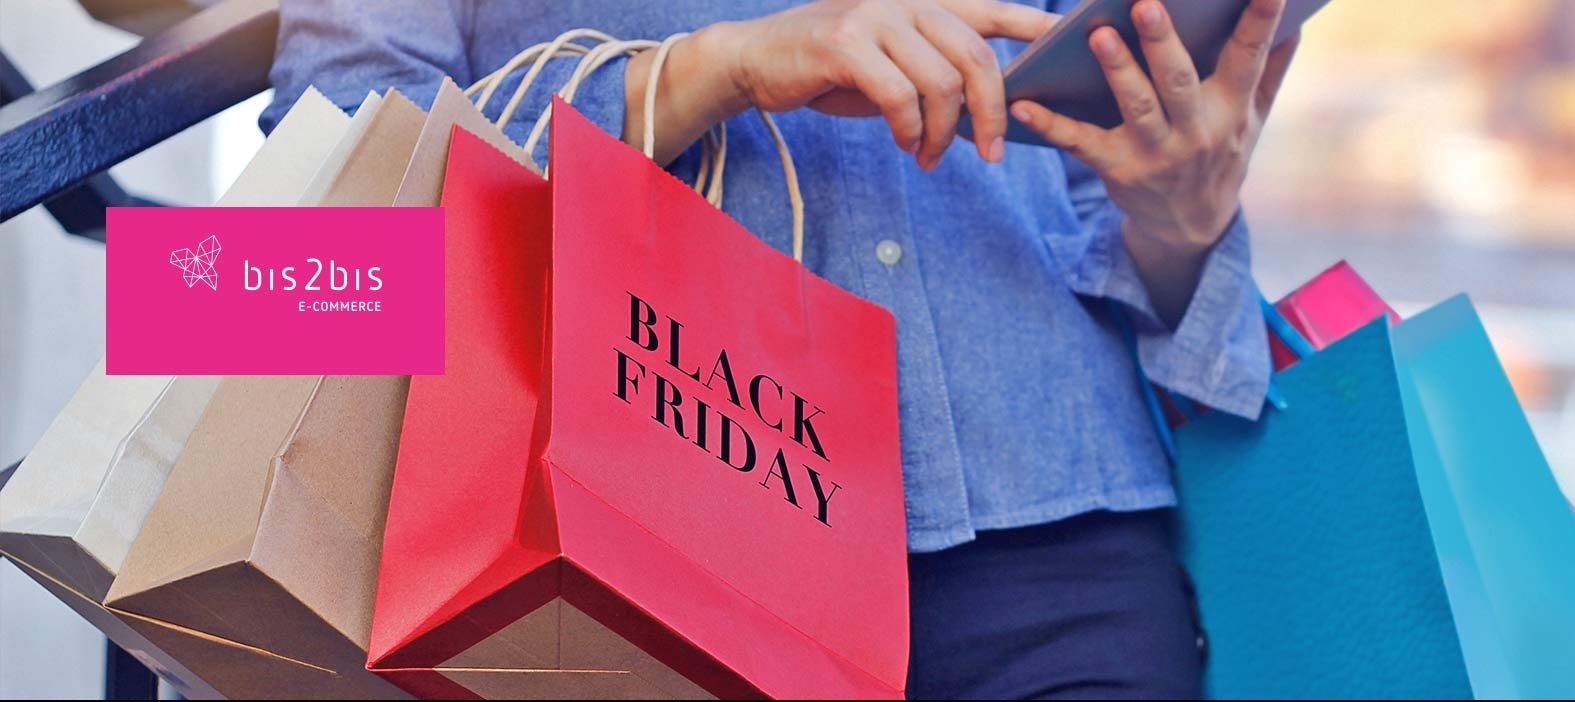 black friday e-commerce